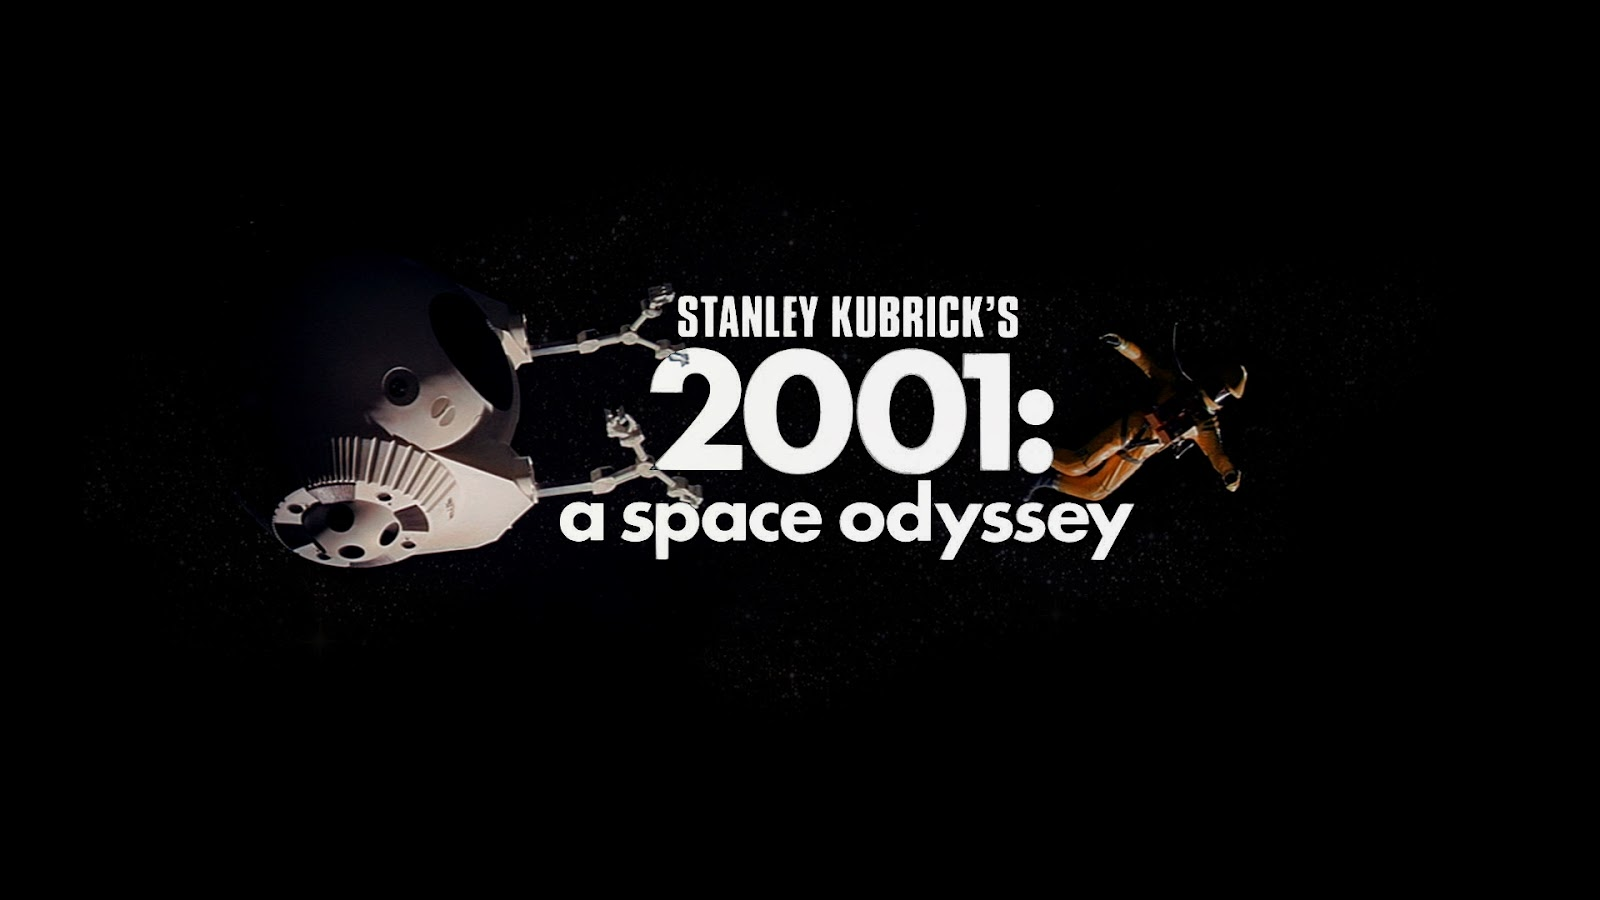 andrew birkin 2001 a space odyssey